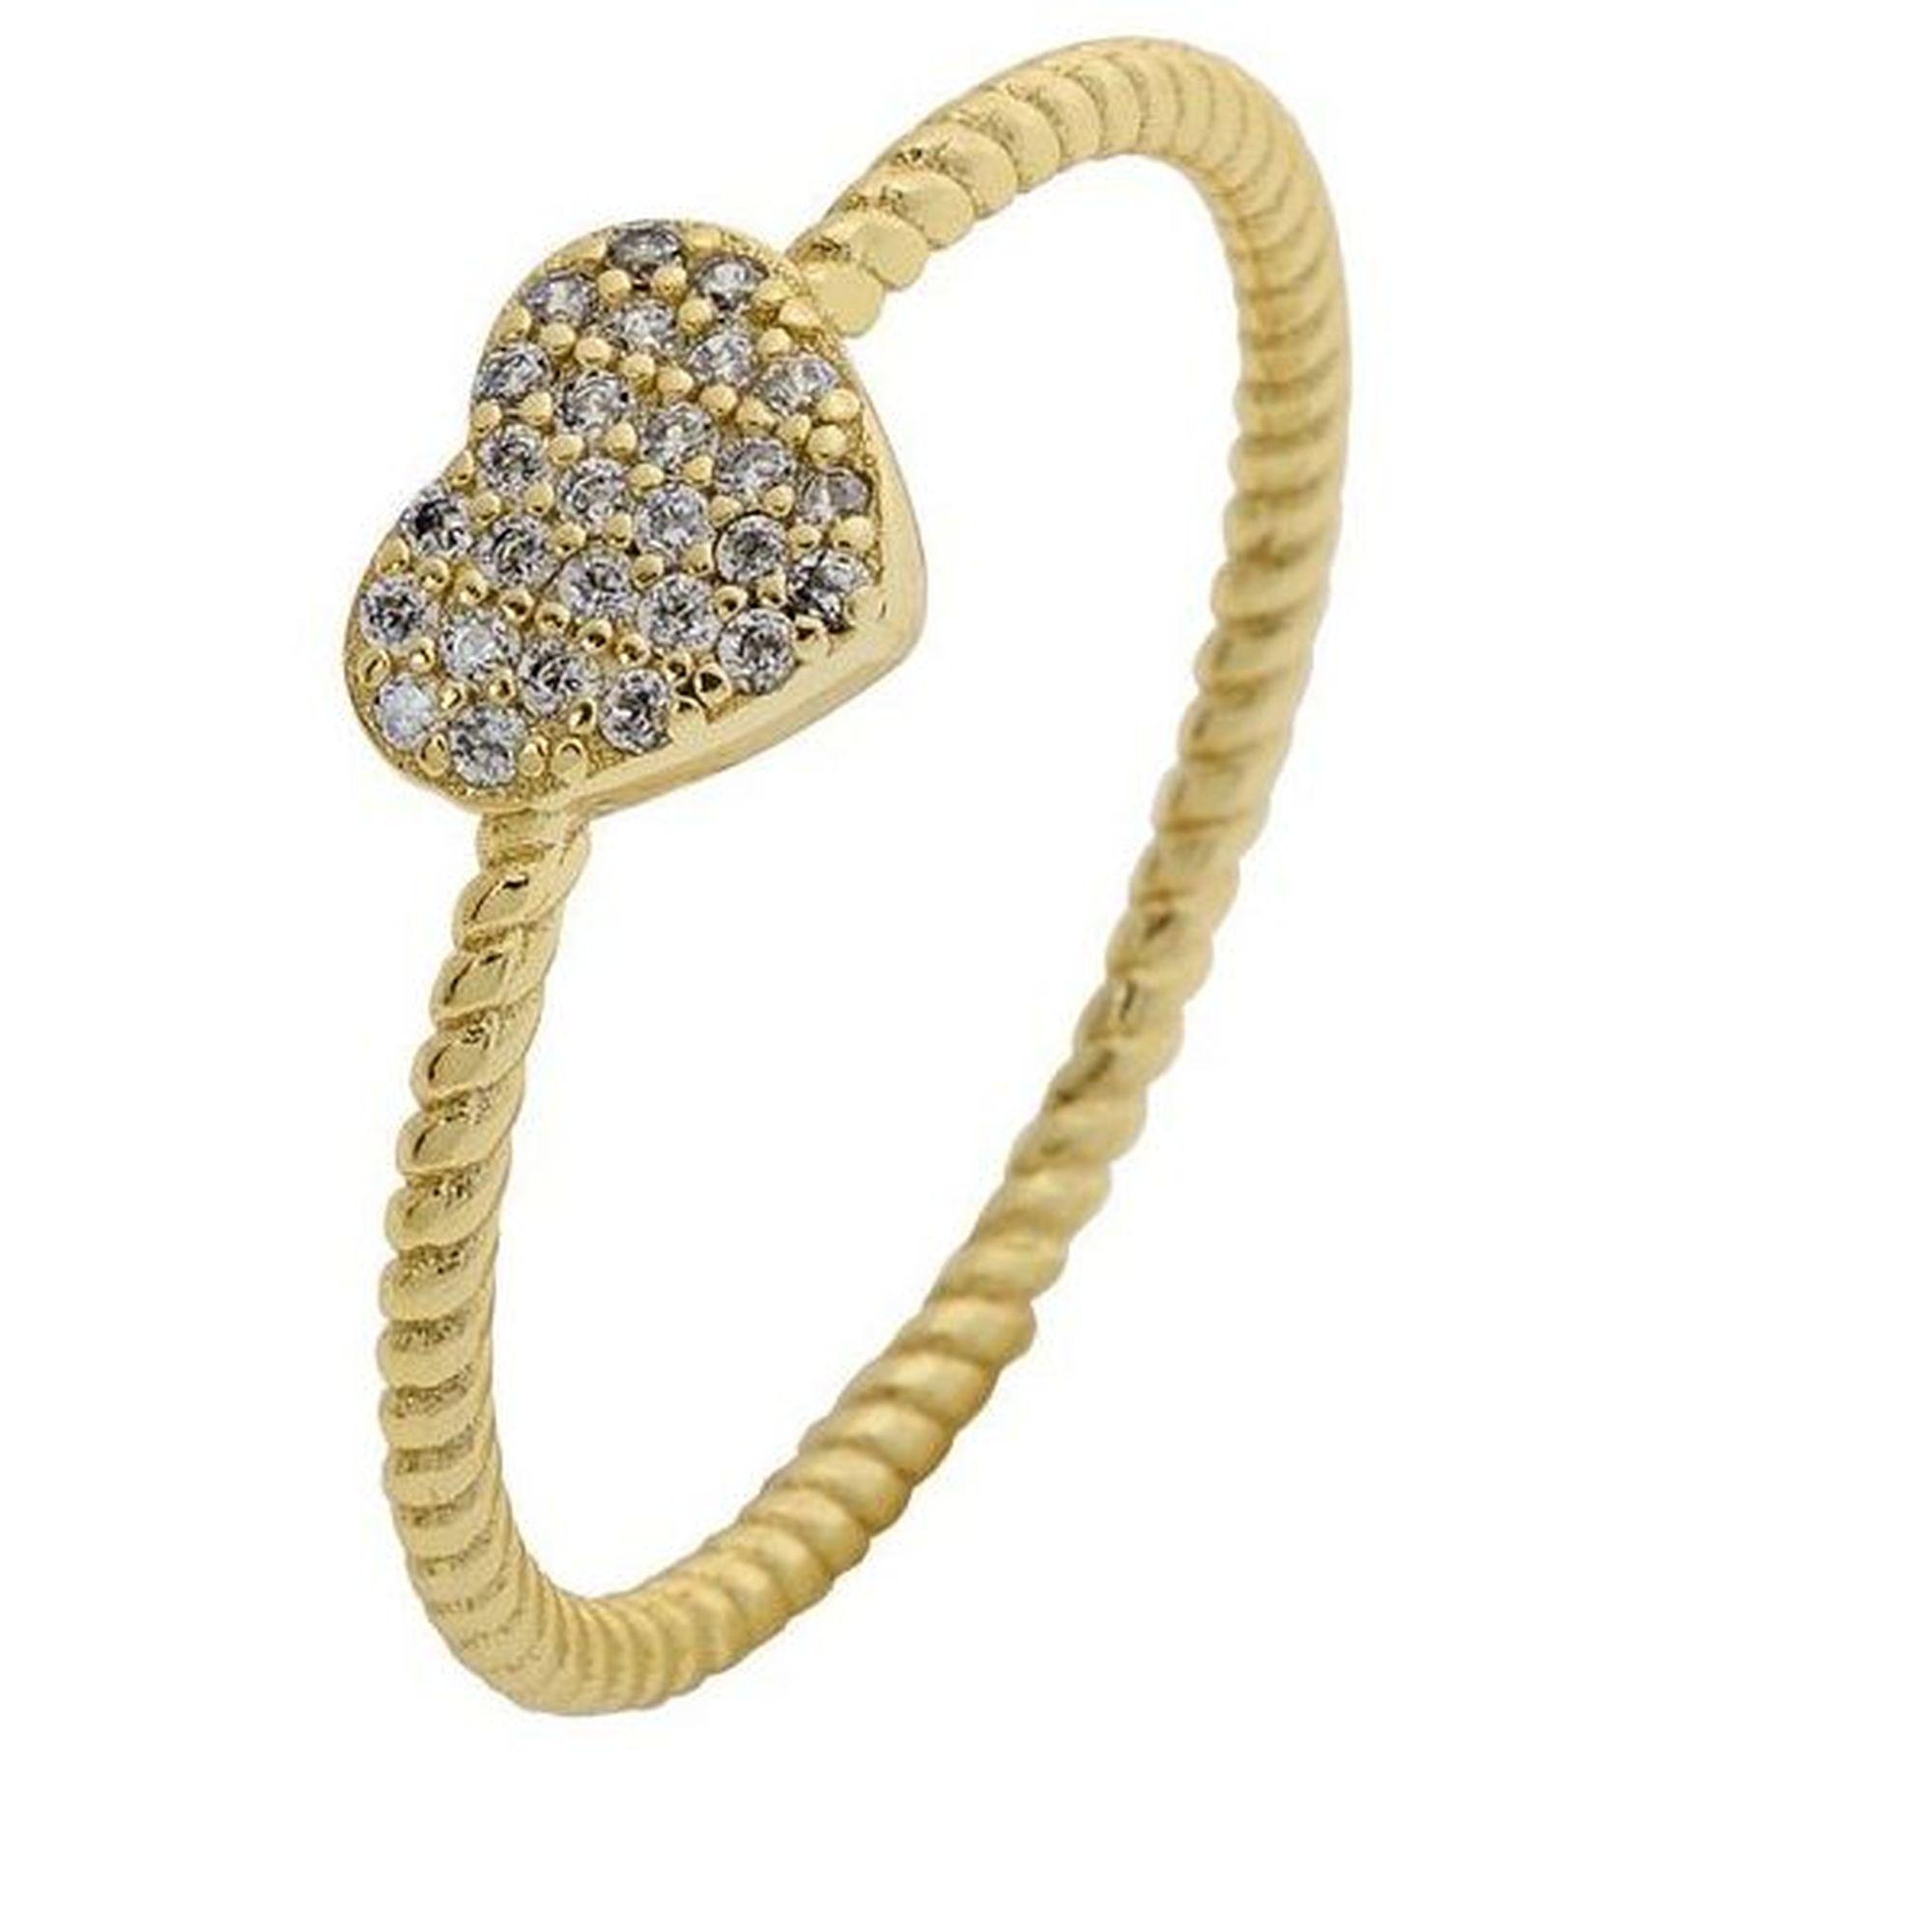 Ασημένιο Δαχτυλίδι σε Σχήμα Καρδιάς Κίτρινο